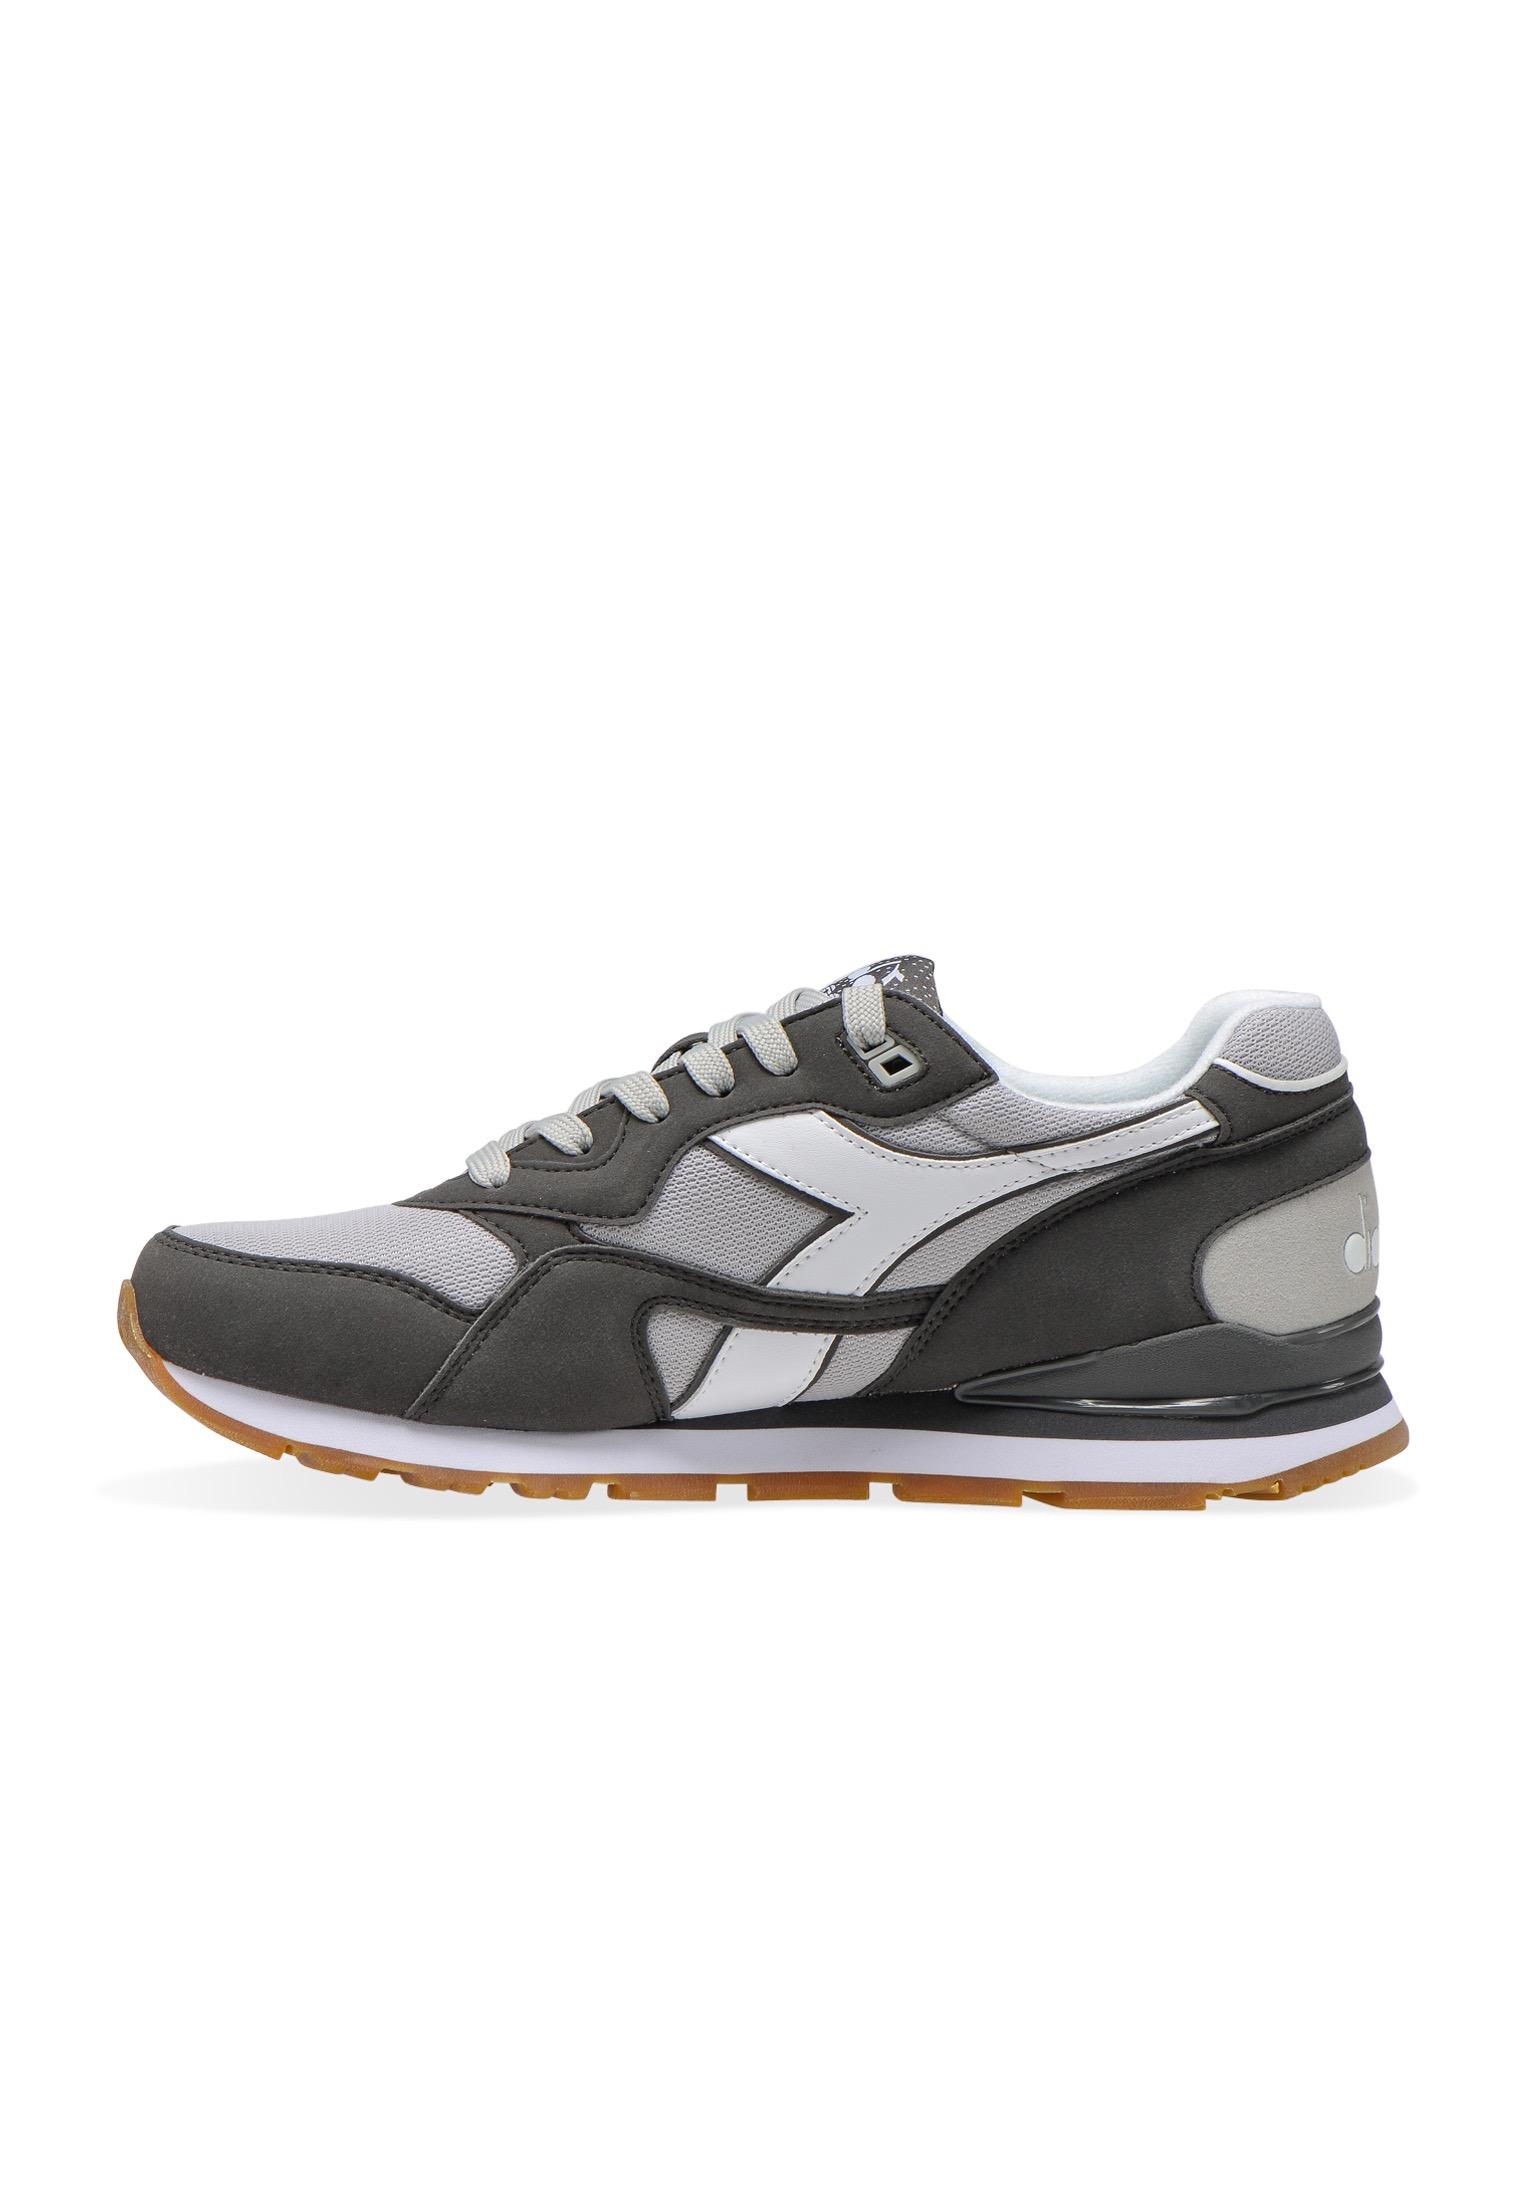 miniatura 45 - Diadora - Sneakers N.92 per uomo e donna